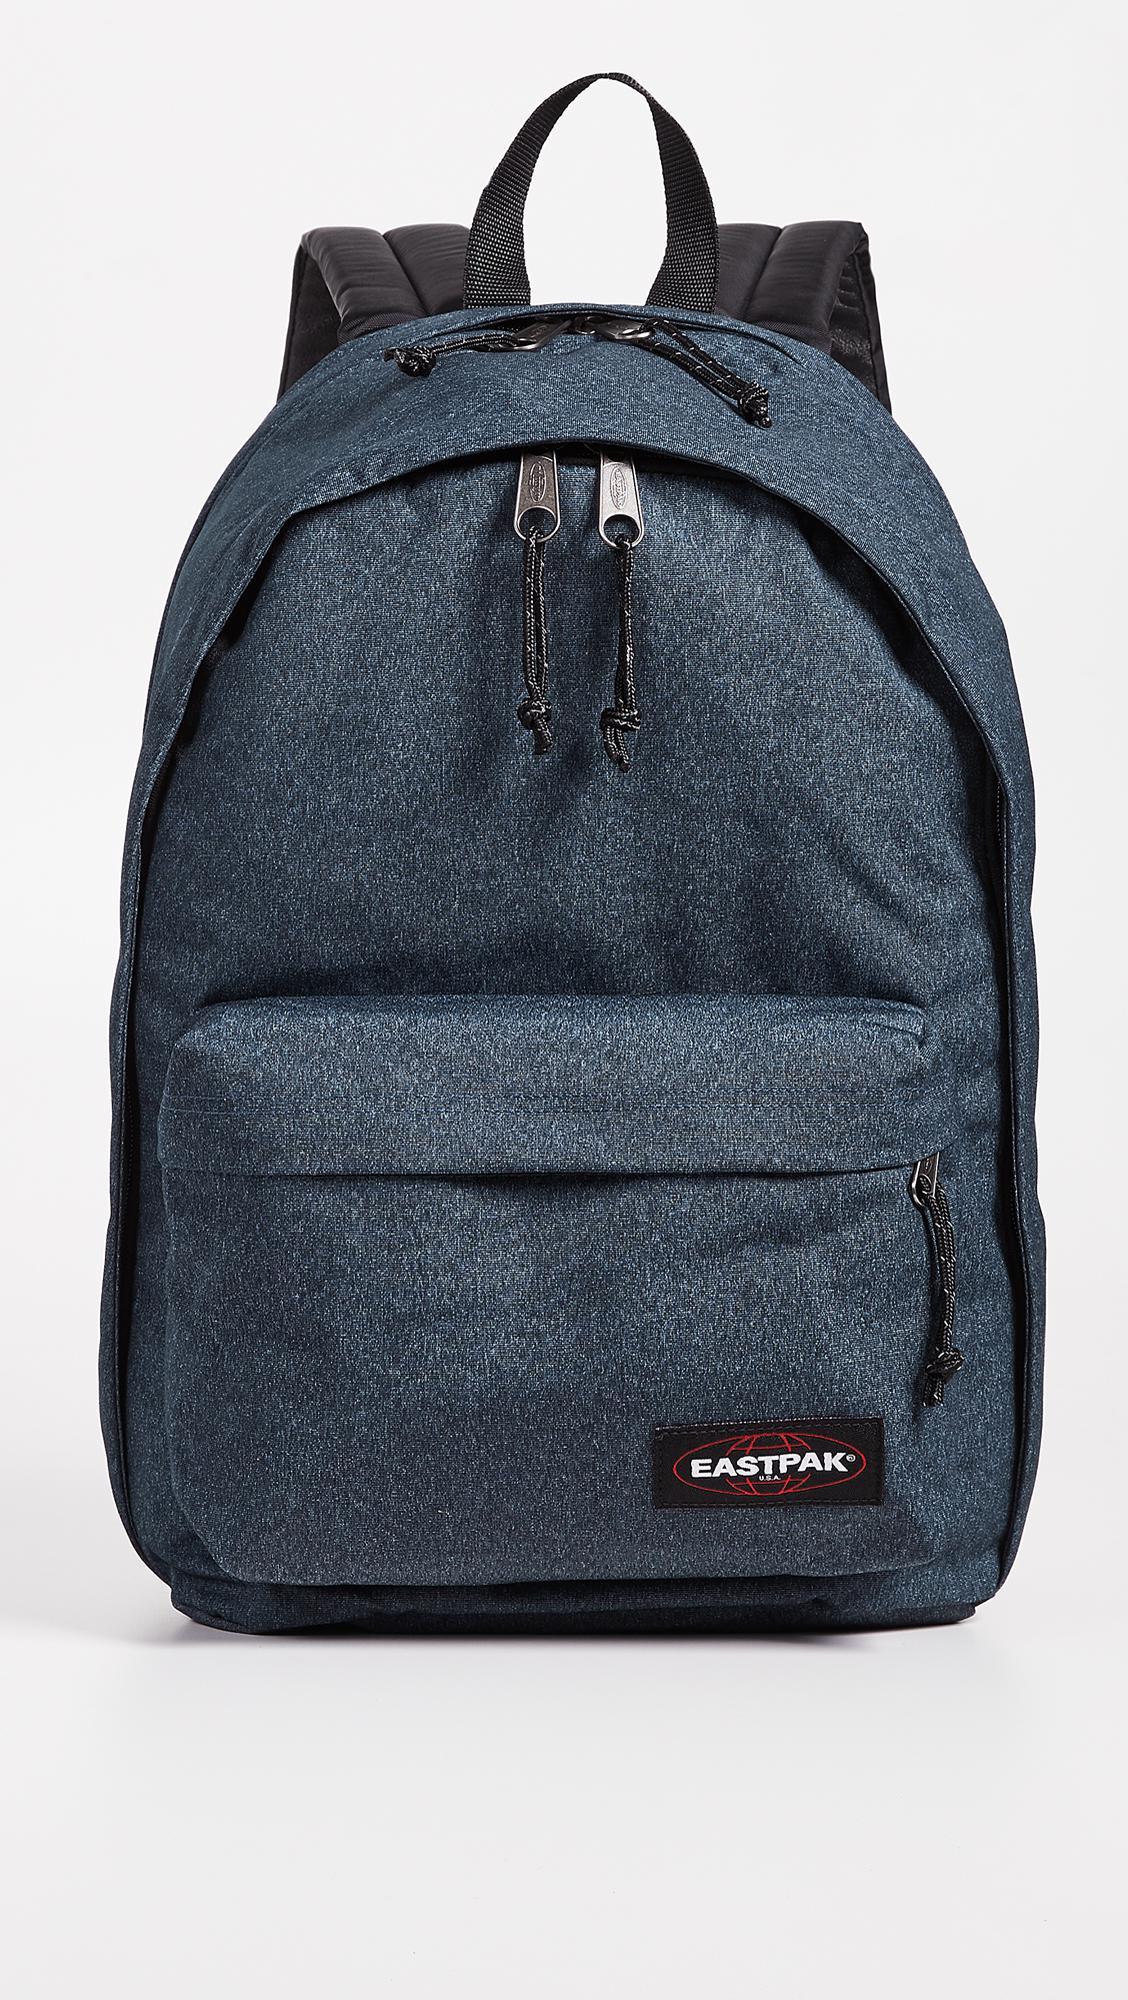 6cd2eba7013 Eastpak - Blue Back To Work Backpack for Men - Lyst. View fullscreen